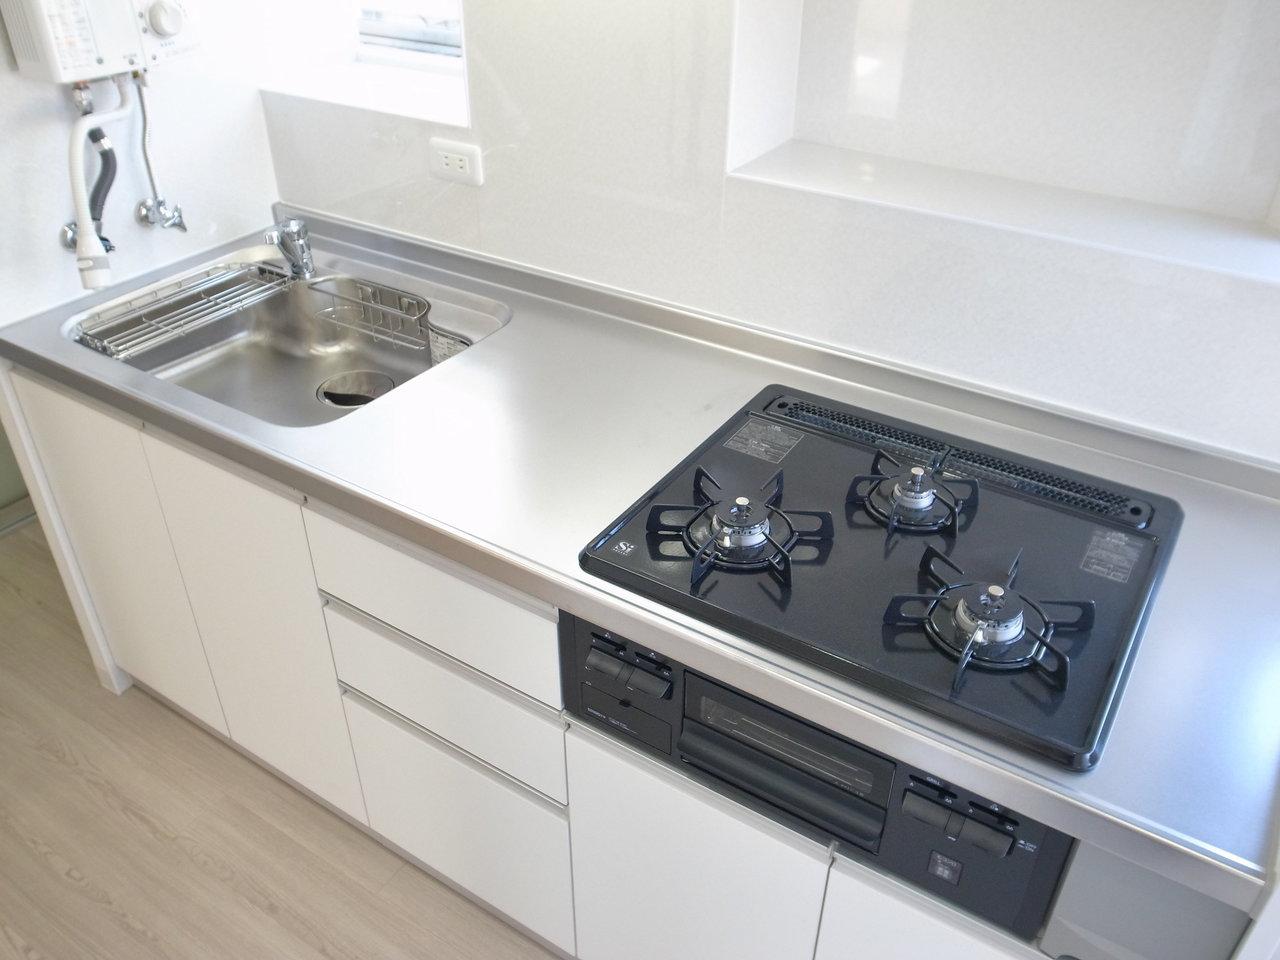 キッチンは収納スペースも充実していて、広々としています。コンロの前には棚もありました。調味料を置いたりできて、便利そう!